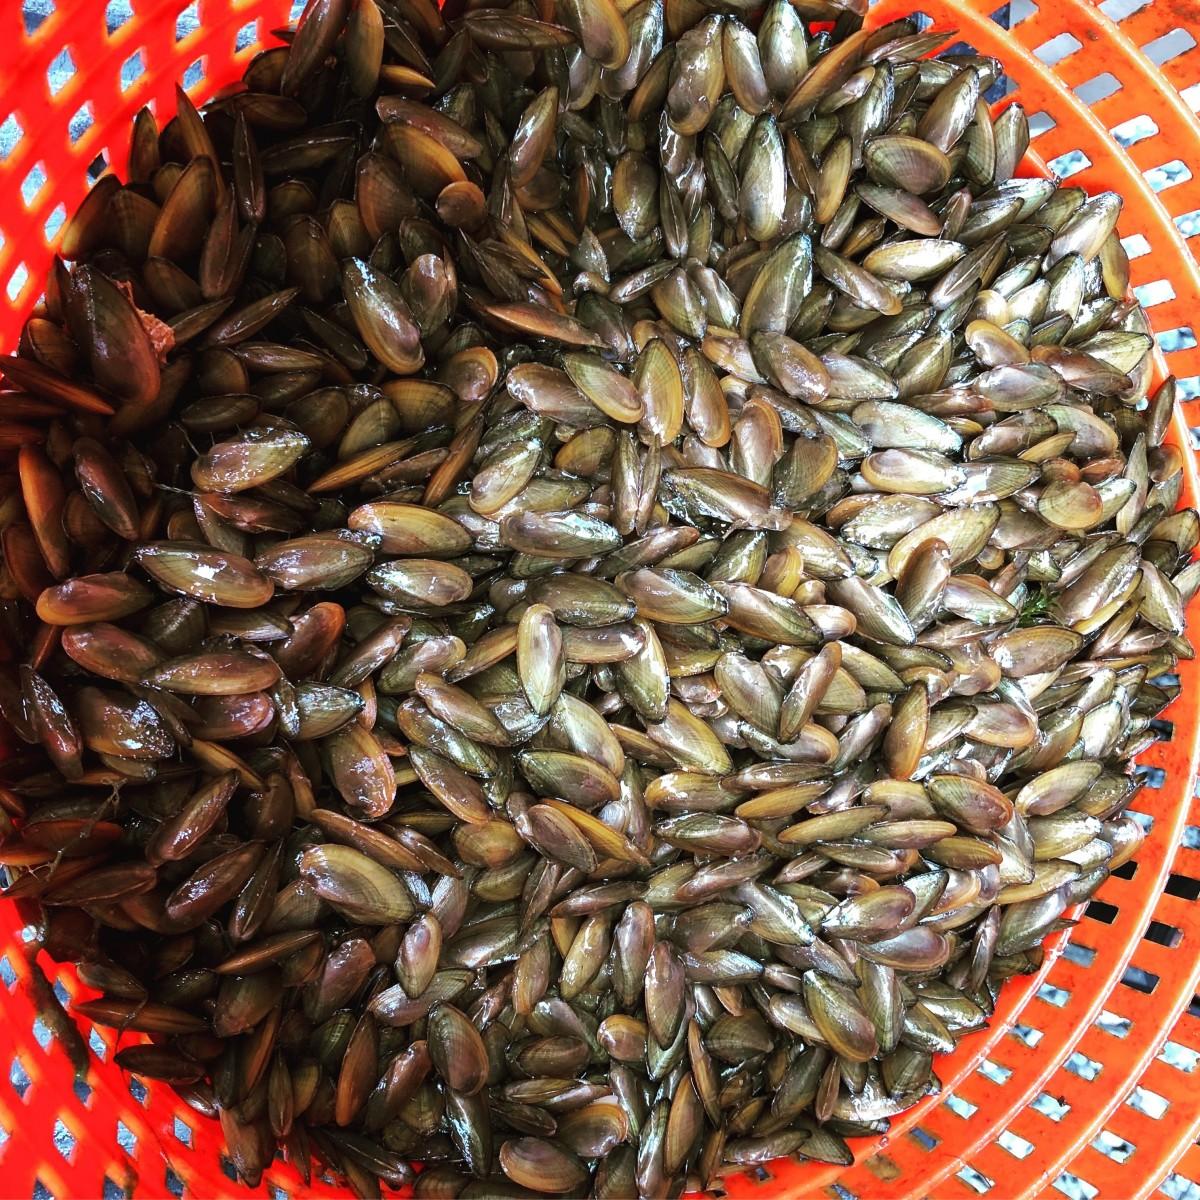 Freshwater Mussel Survey at Kingman Lake